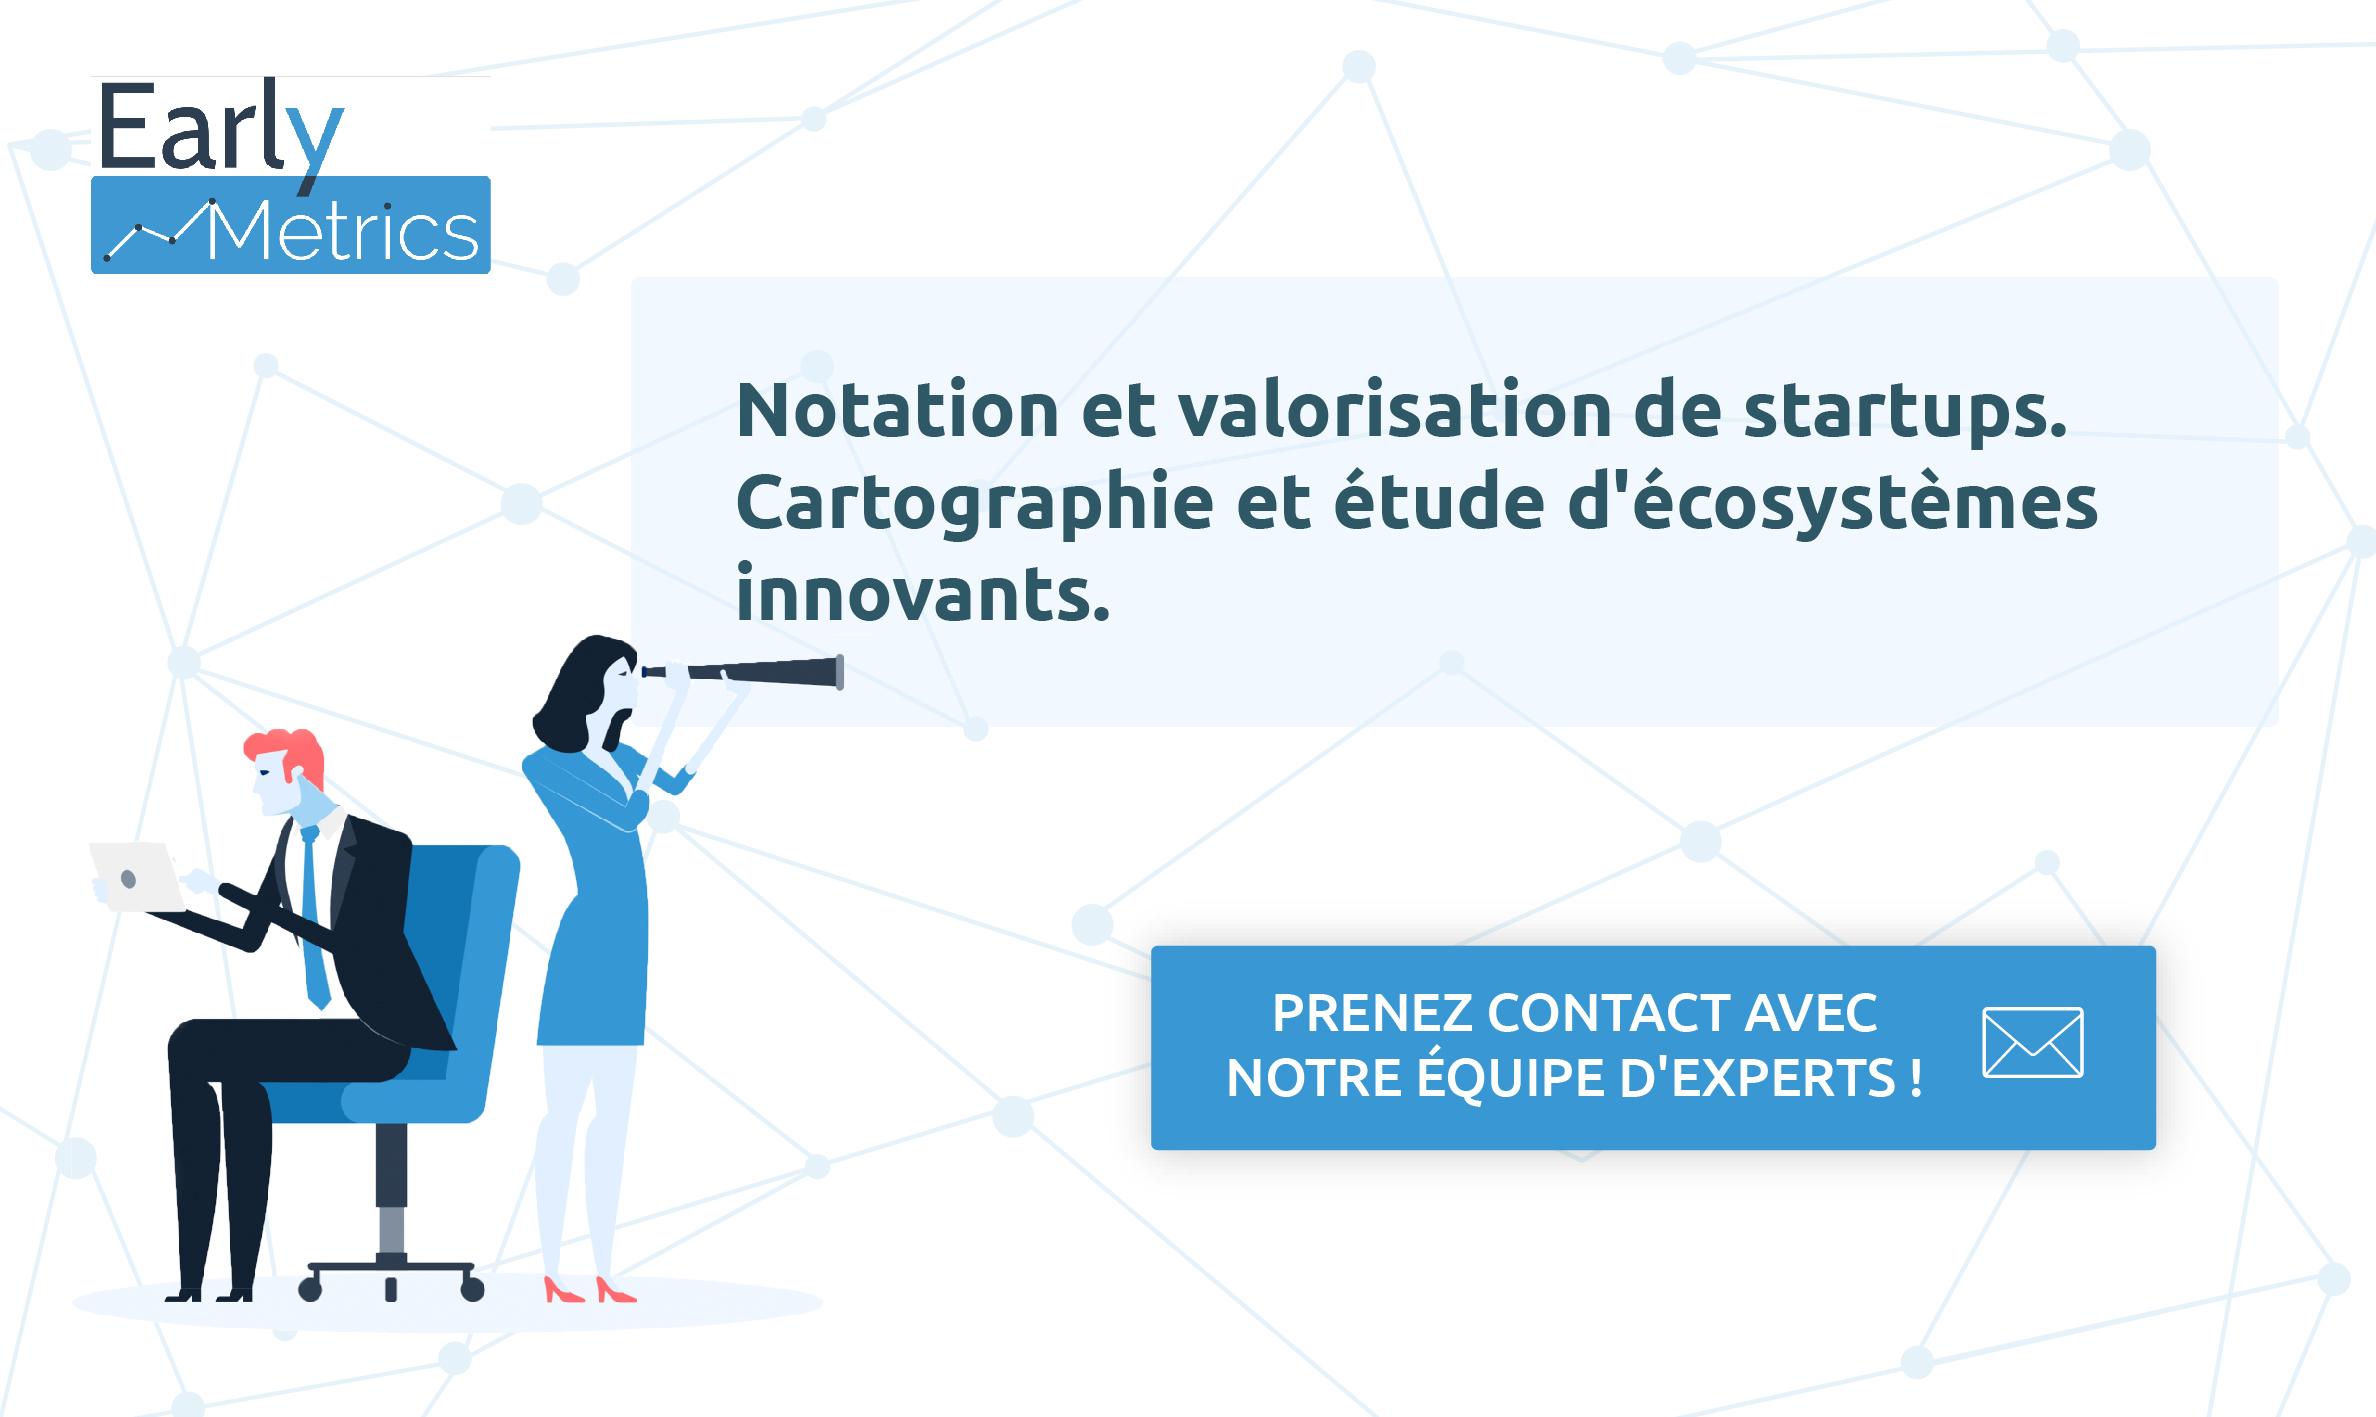 EuroQuity partenaire de la 5ème édition du concours de start-up innovantes franciliennes.